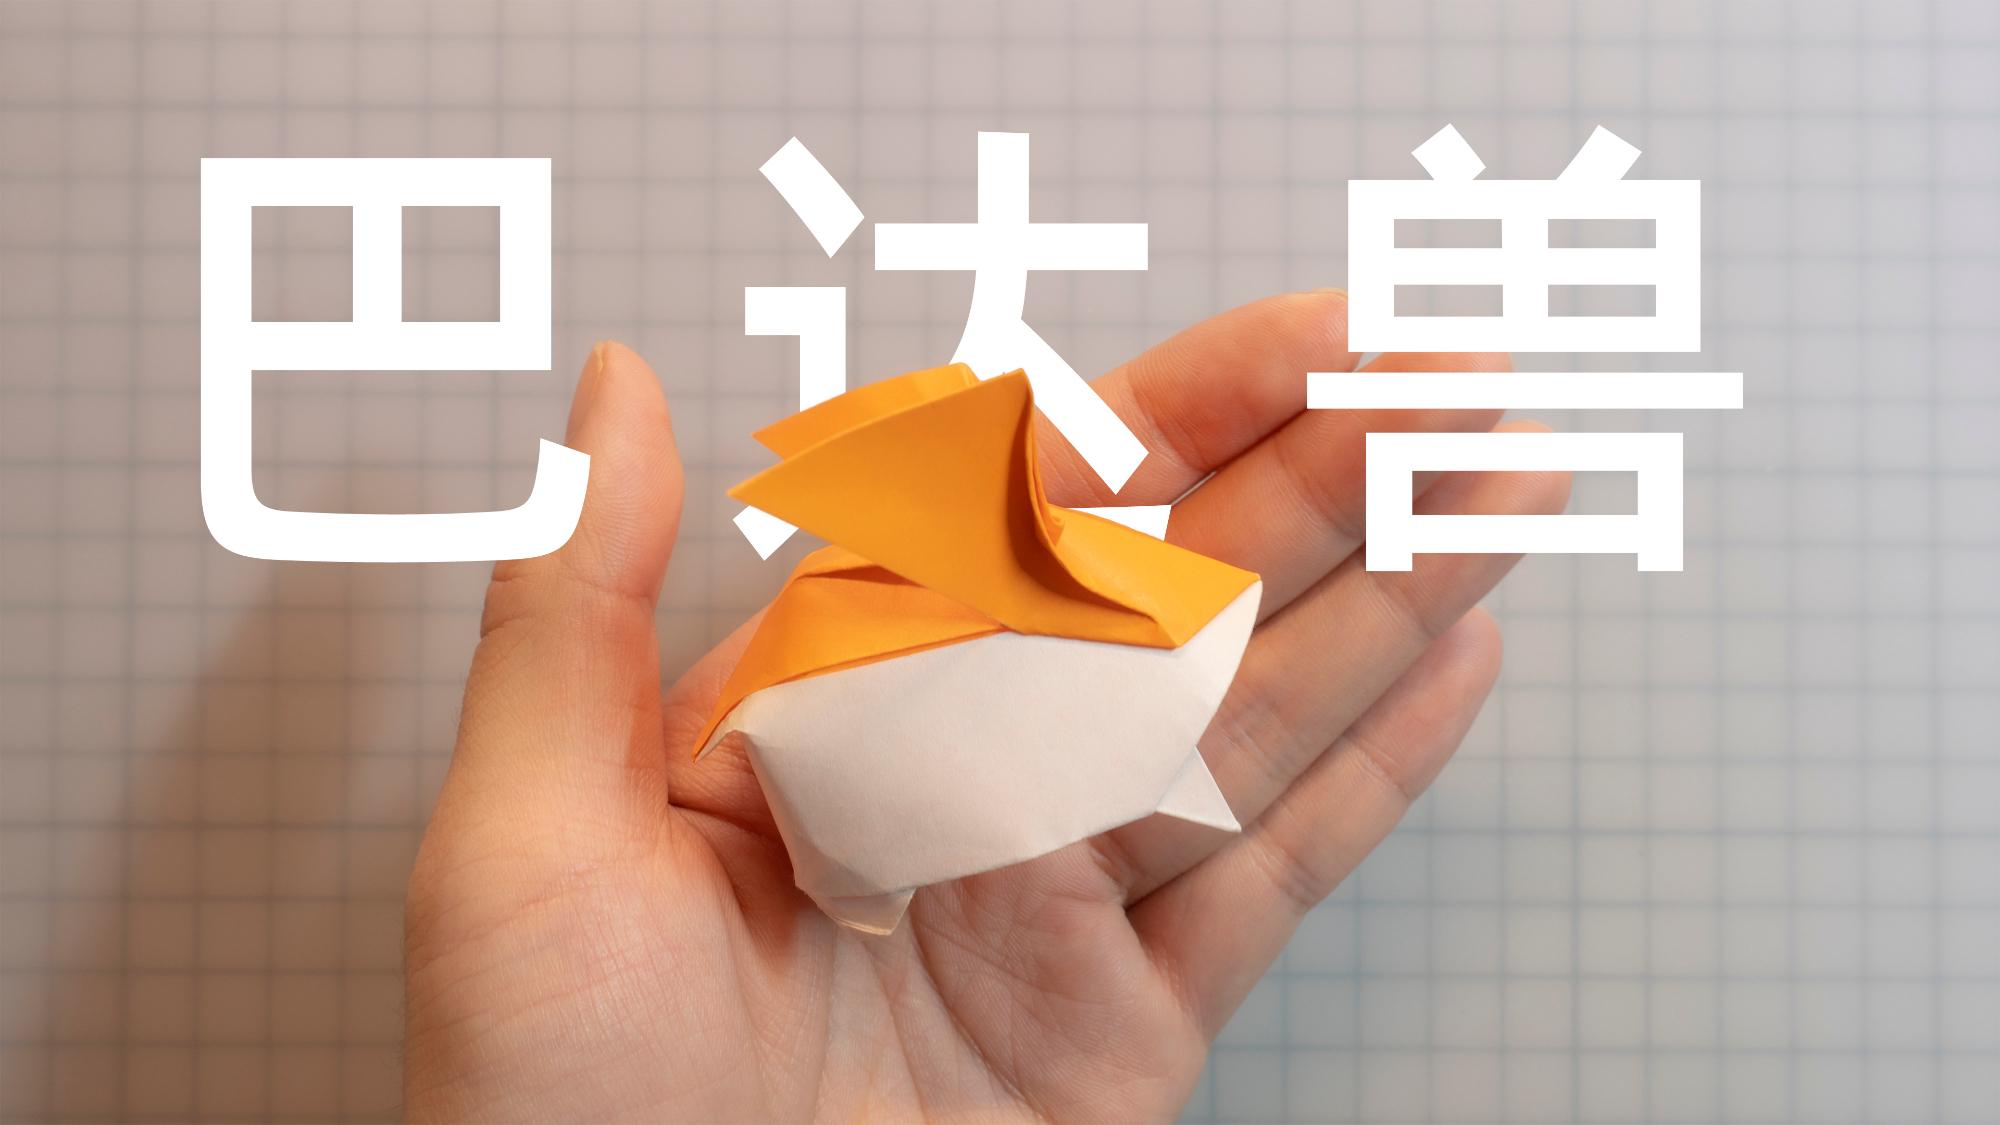 【折纸】怎样折一只数码宝贝?巴达兽也太可爱了吧~